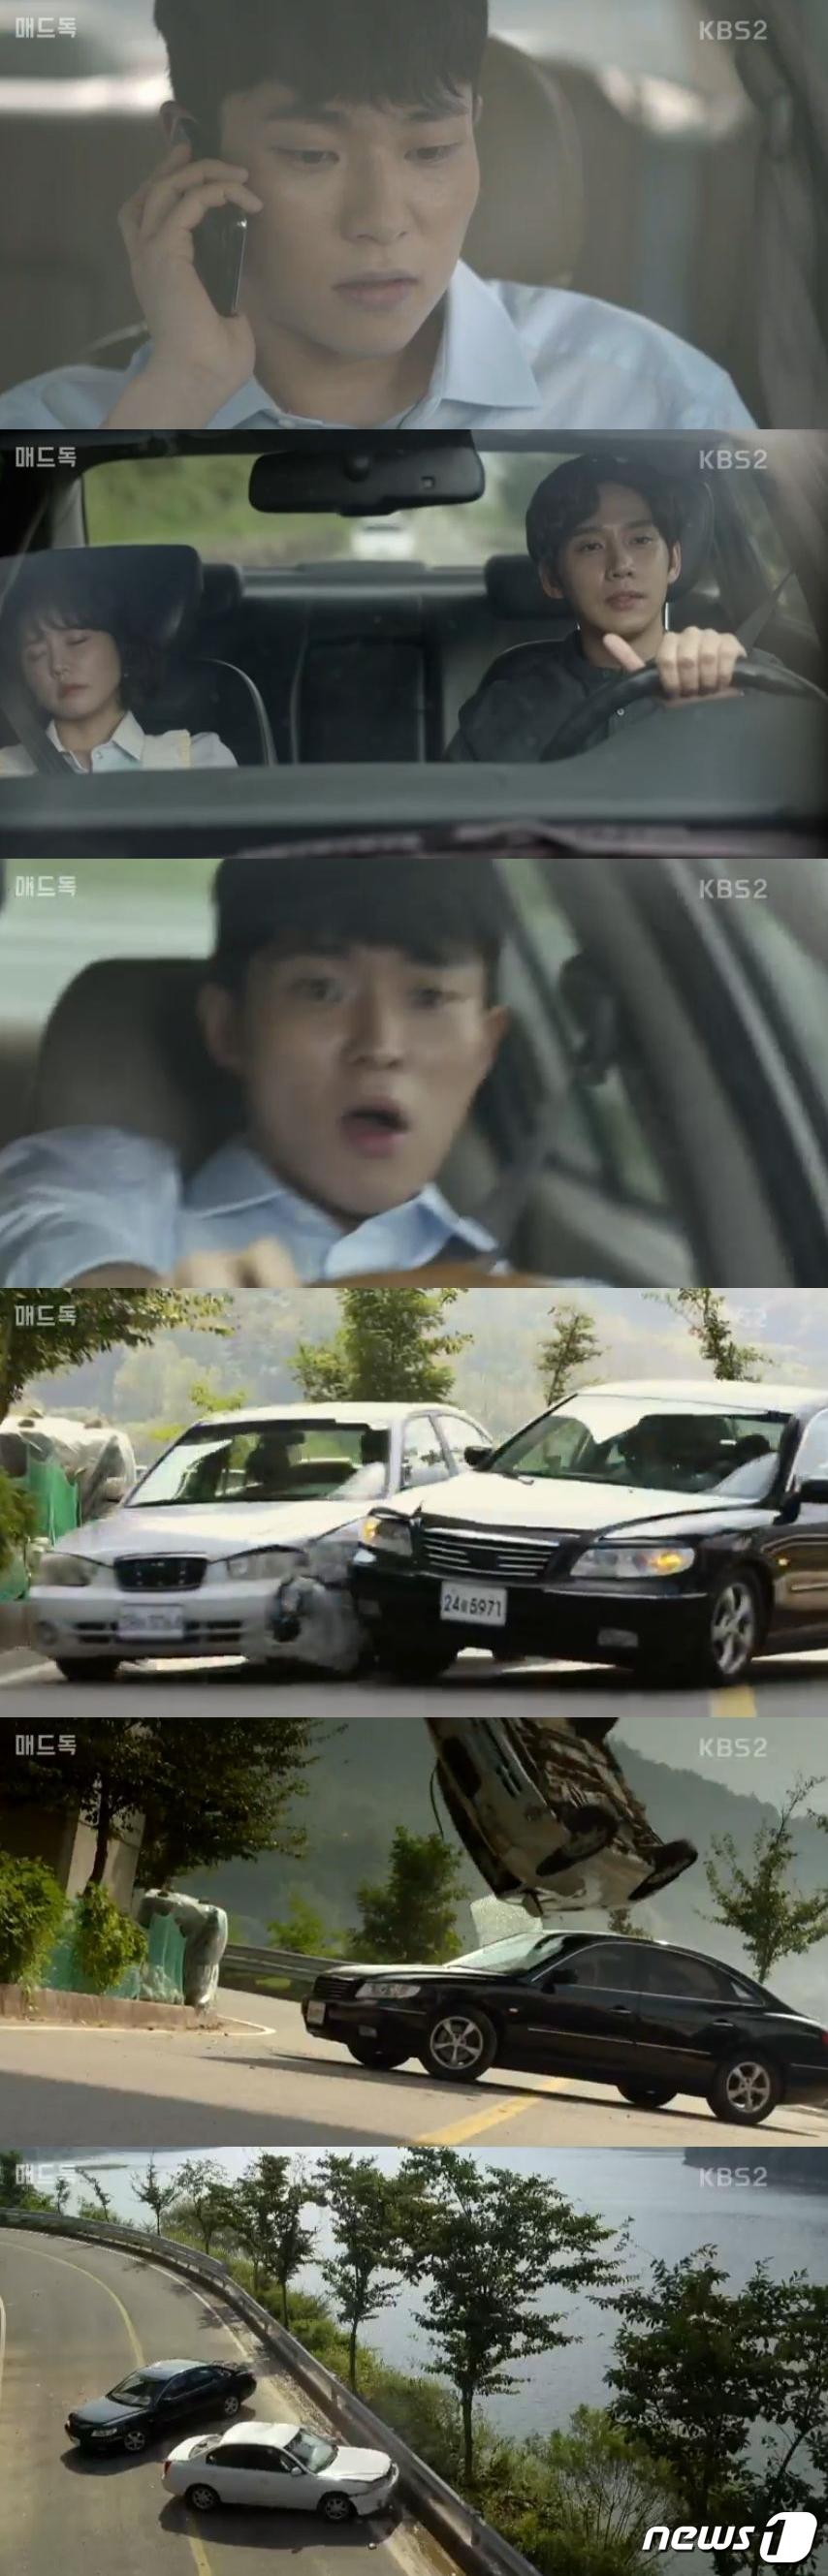 `매드독` 류화영, 눈앞에서 후배 교통사고 목격 ¨막내야!¨